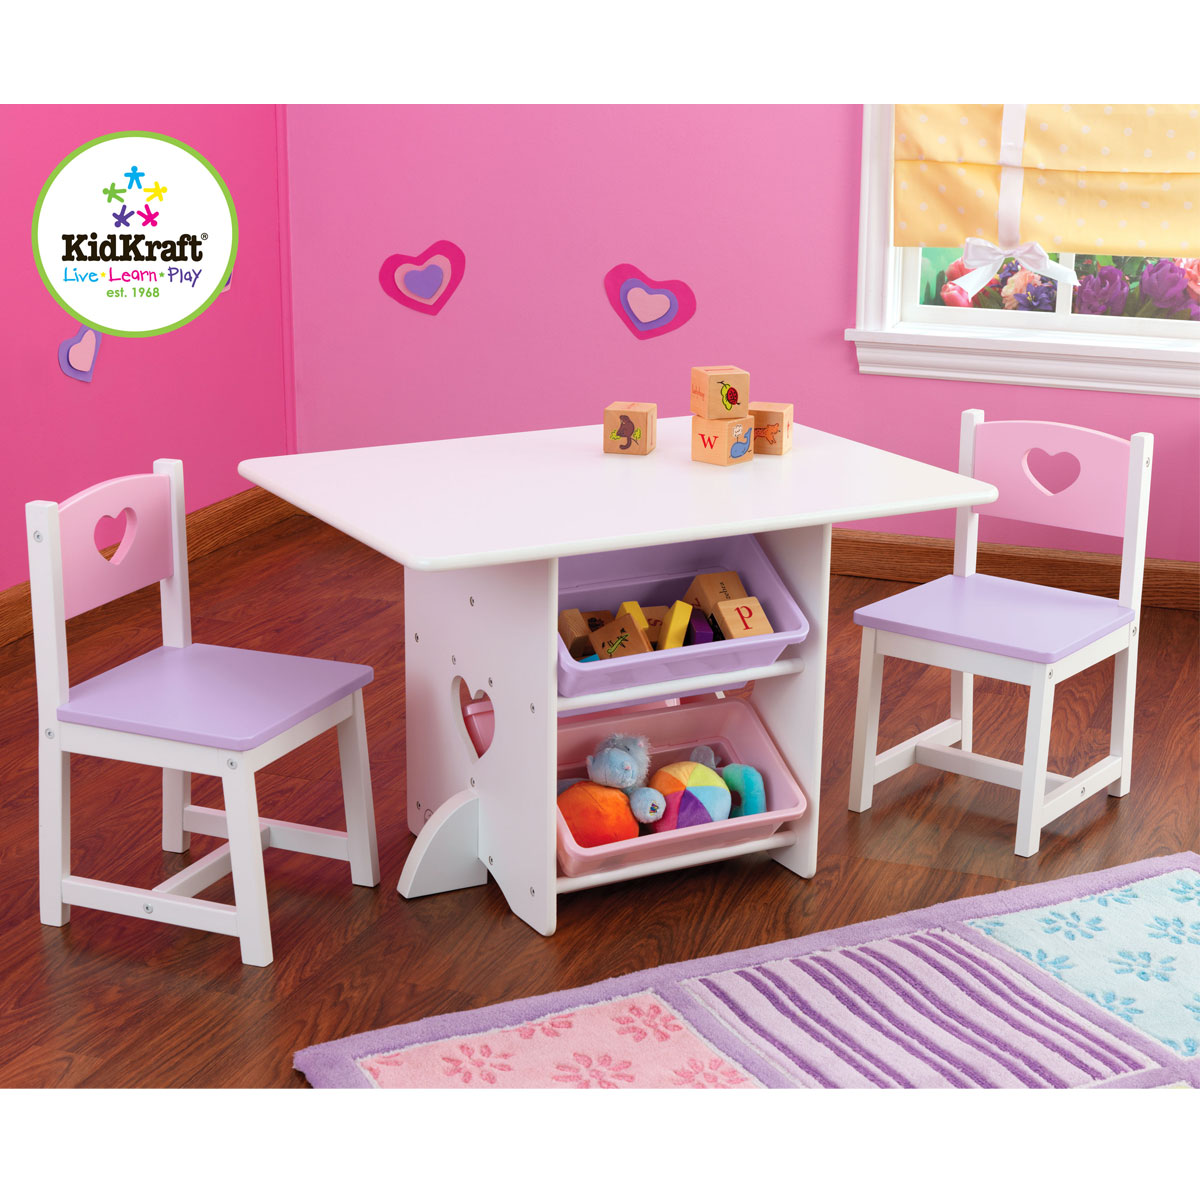 kidkraft 26913 heart, set tavolo e sedia per bambini con cestelli - Set Tavolo E Sedie Cucina